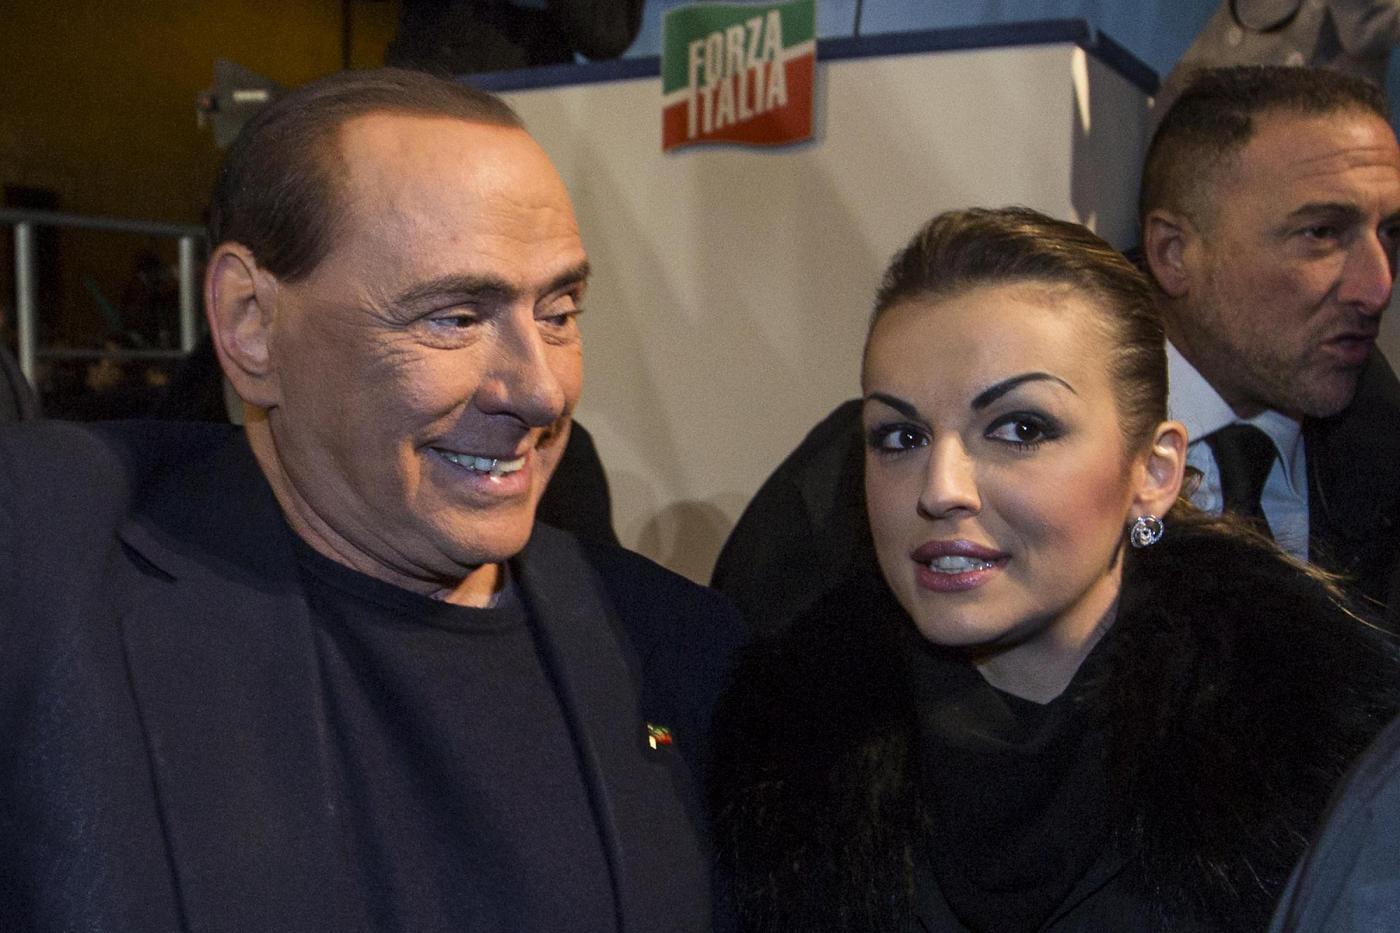 Domenico De Siano capo di Forza Italia Campania: Francesca Pascale batte tutti